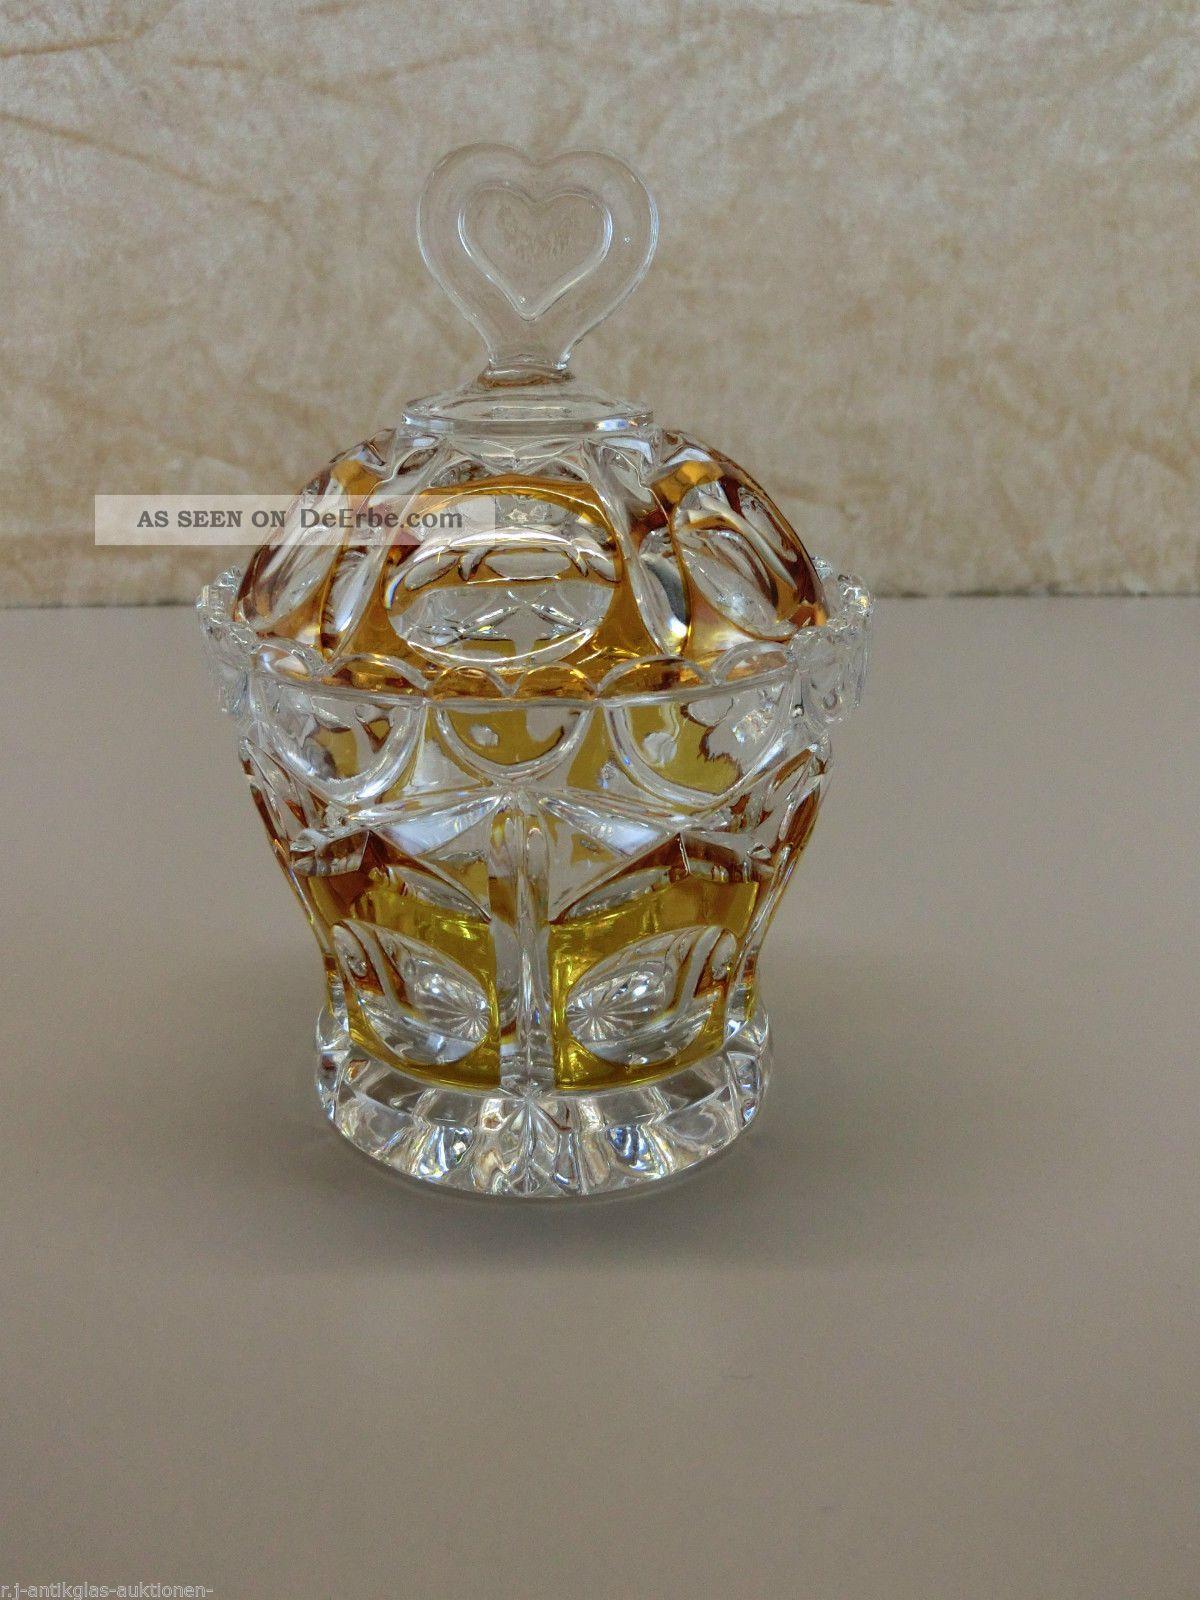 Deckeldose Dose Bleikristall Geschliffen Überfangglas Bernstein In Sammlerglas Bild